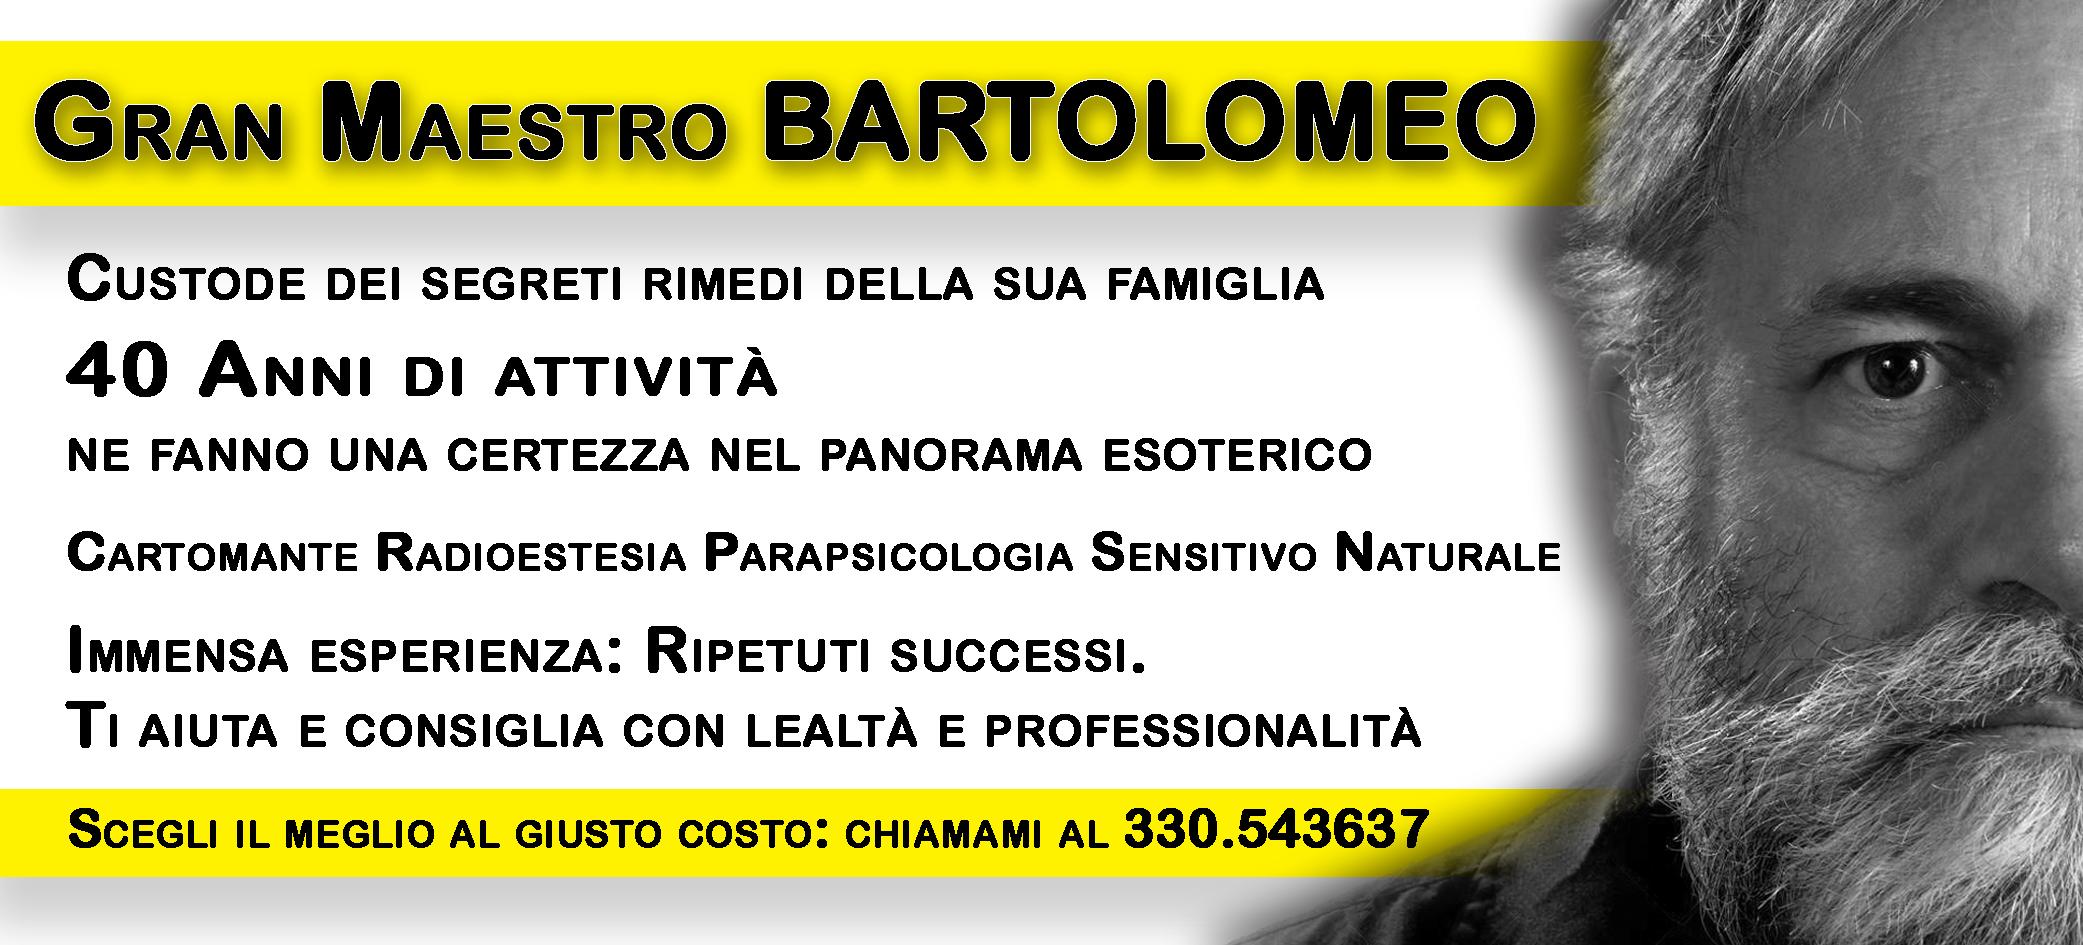 Gran Maestro Bartolomeo